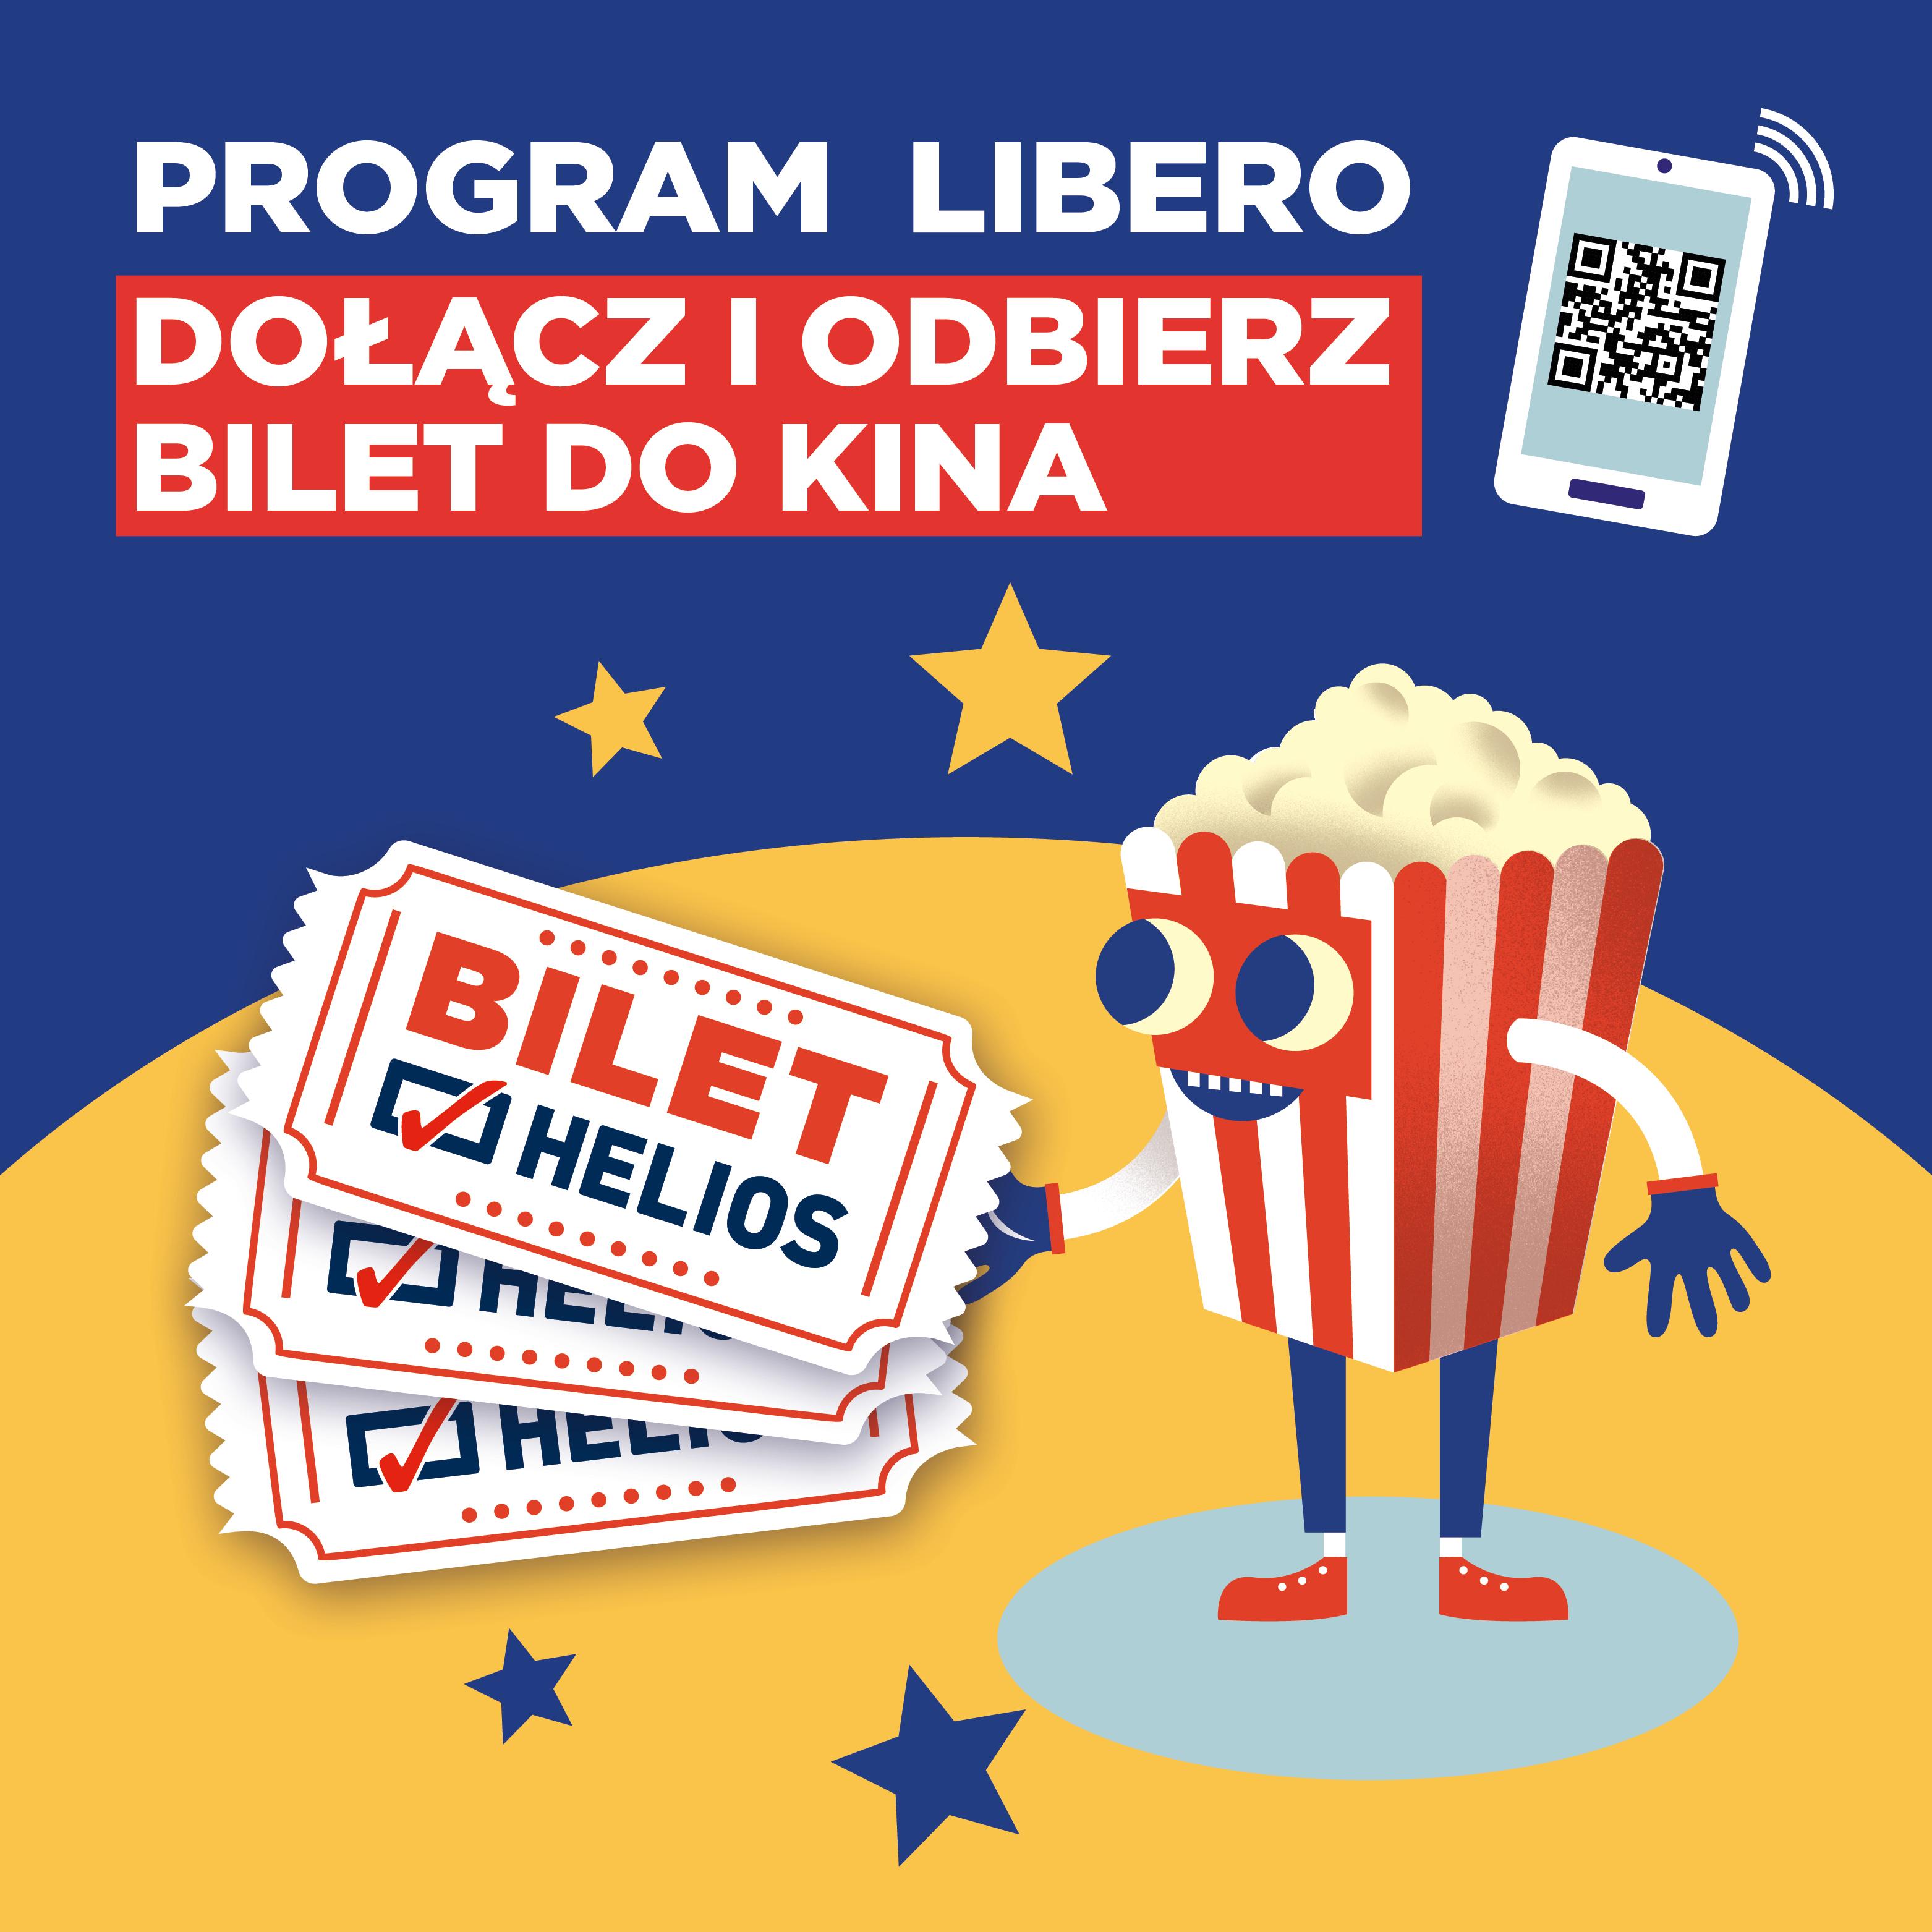 Dołącz doProgramu Libero iodbierz bilet doKina Helios naStart!